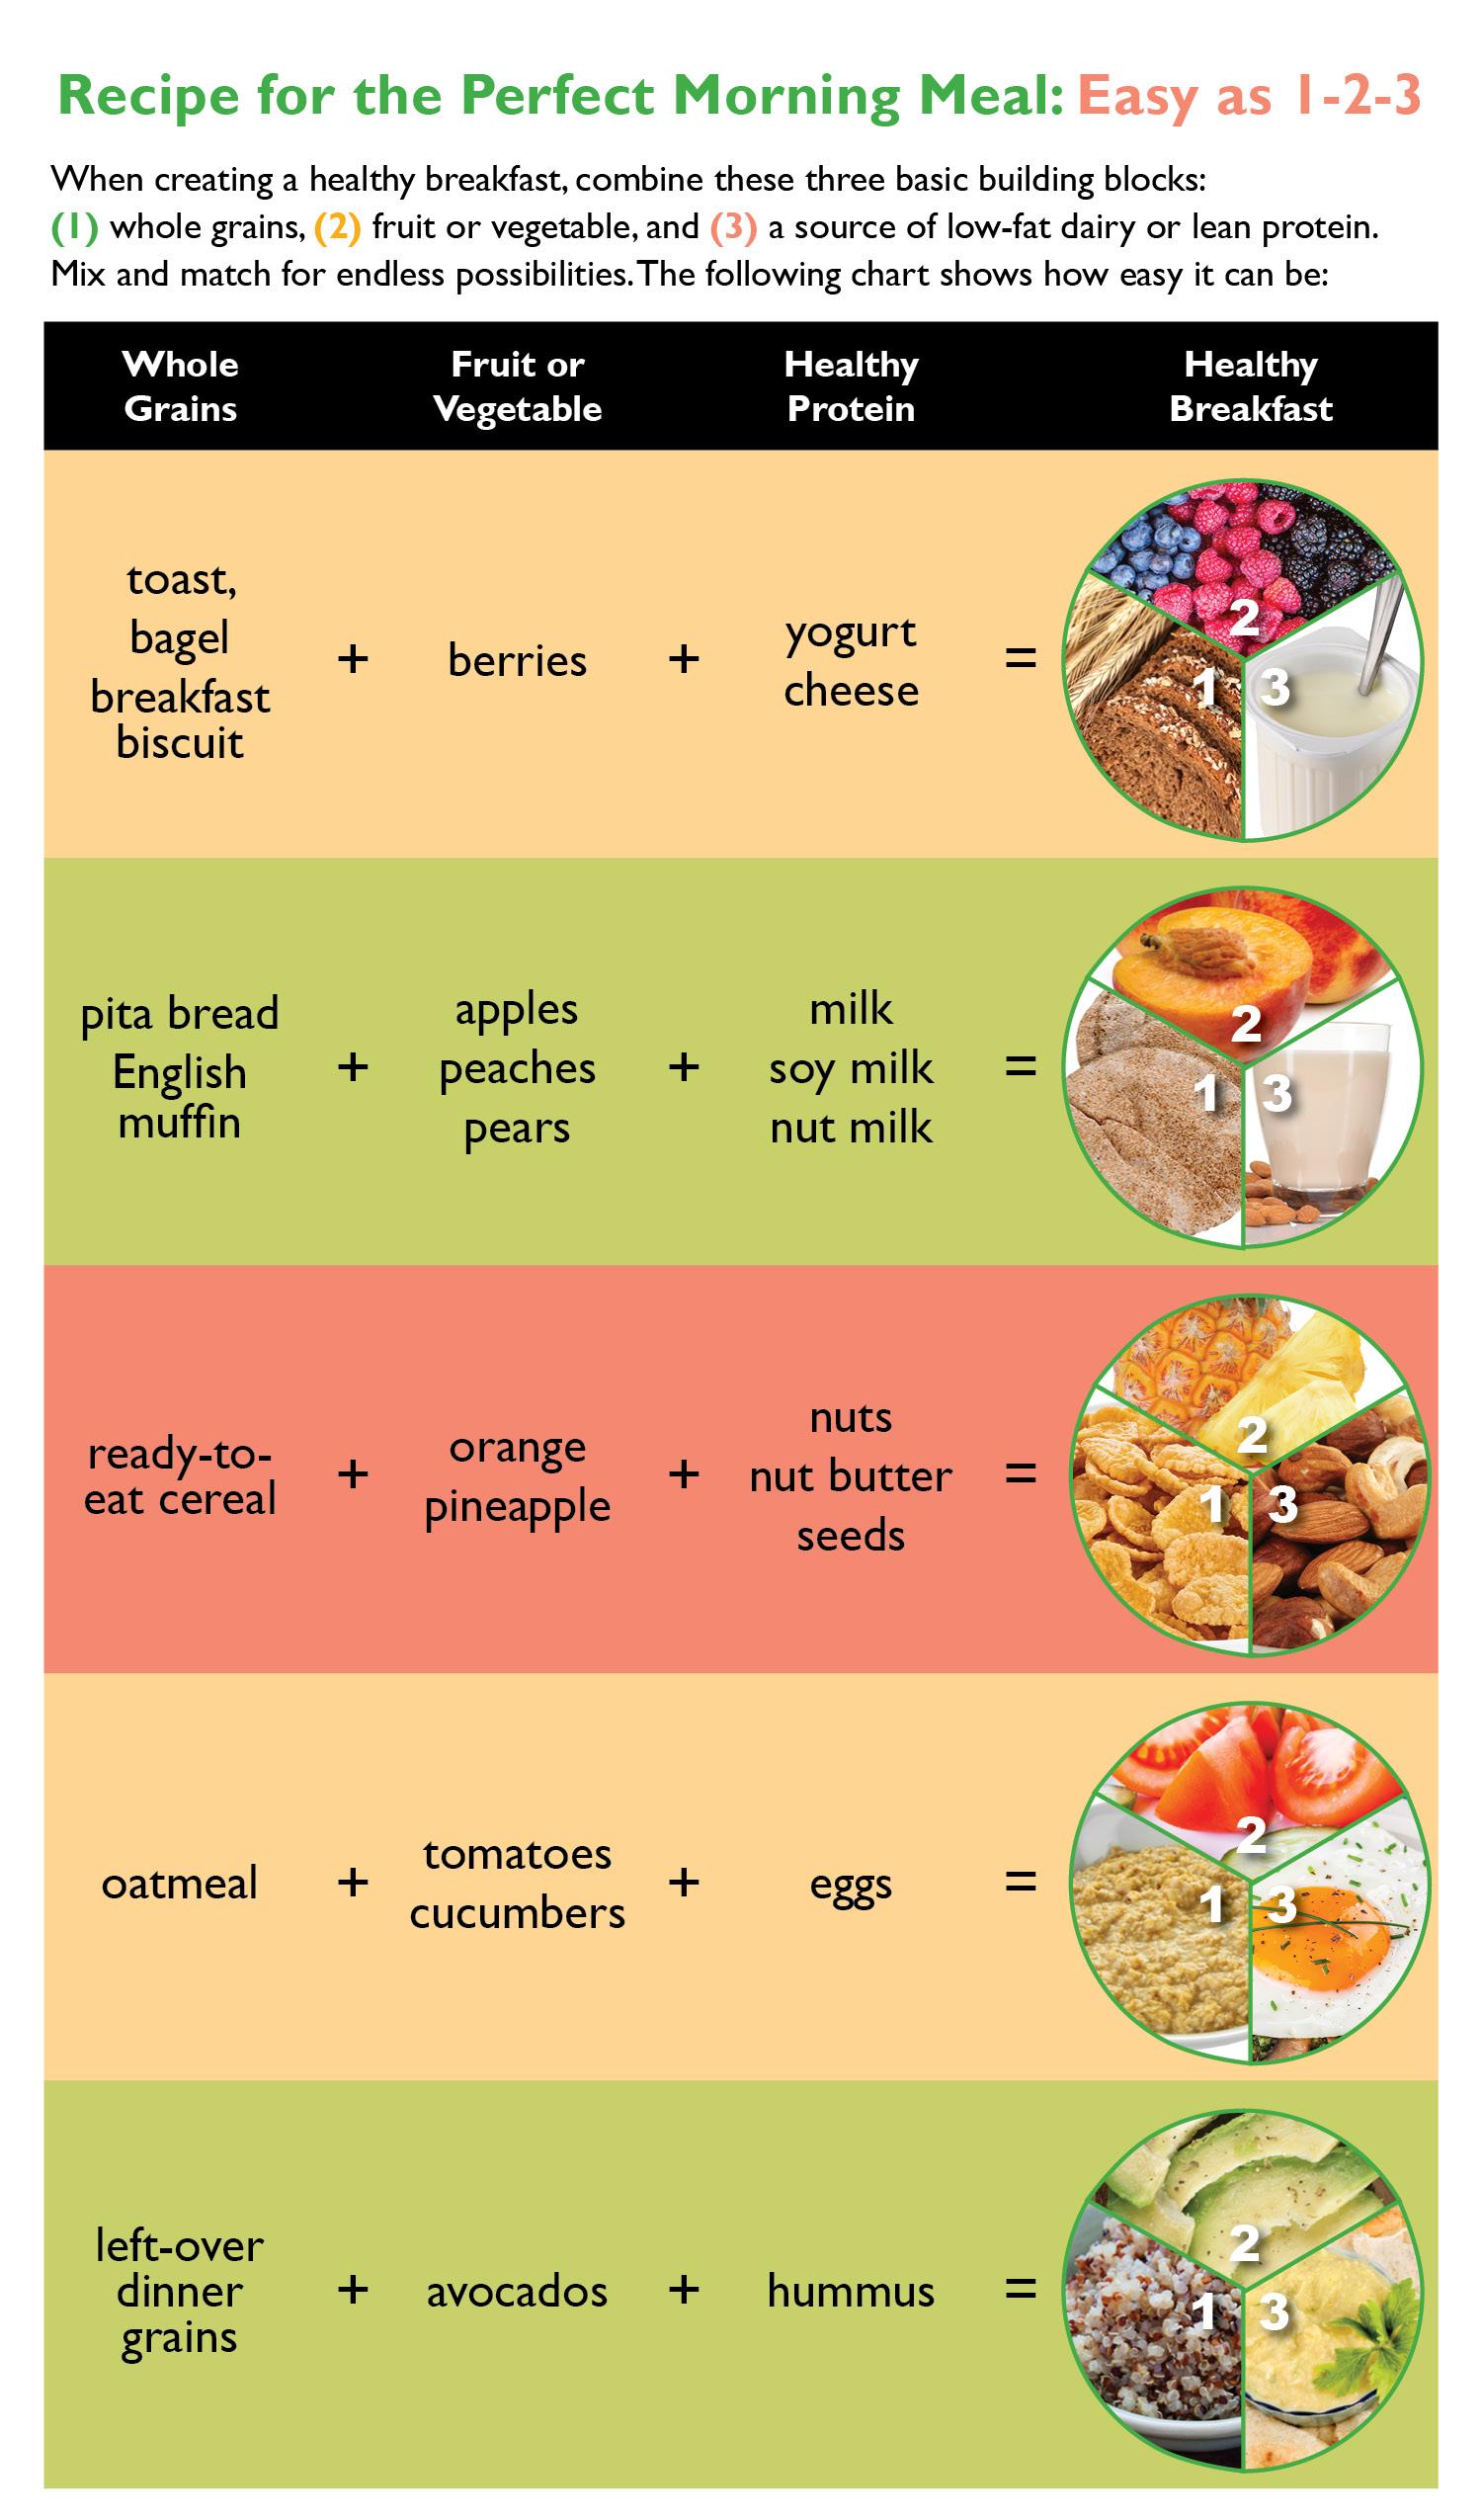 Breakfast Chart Easy as 1-2-3